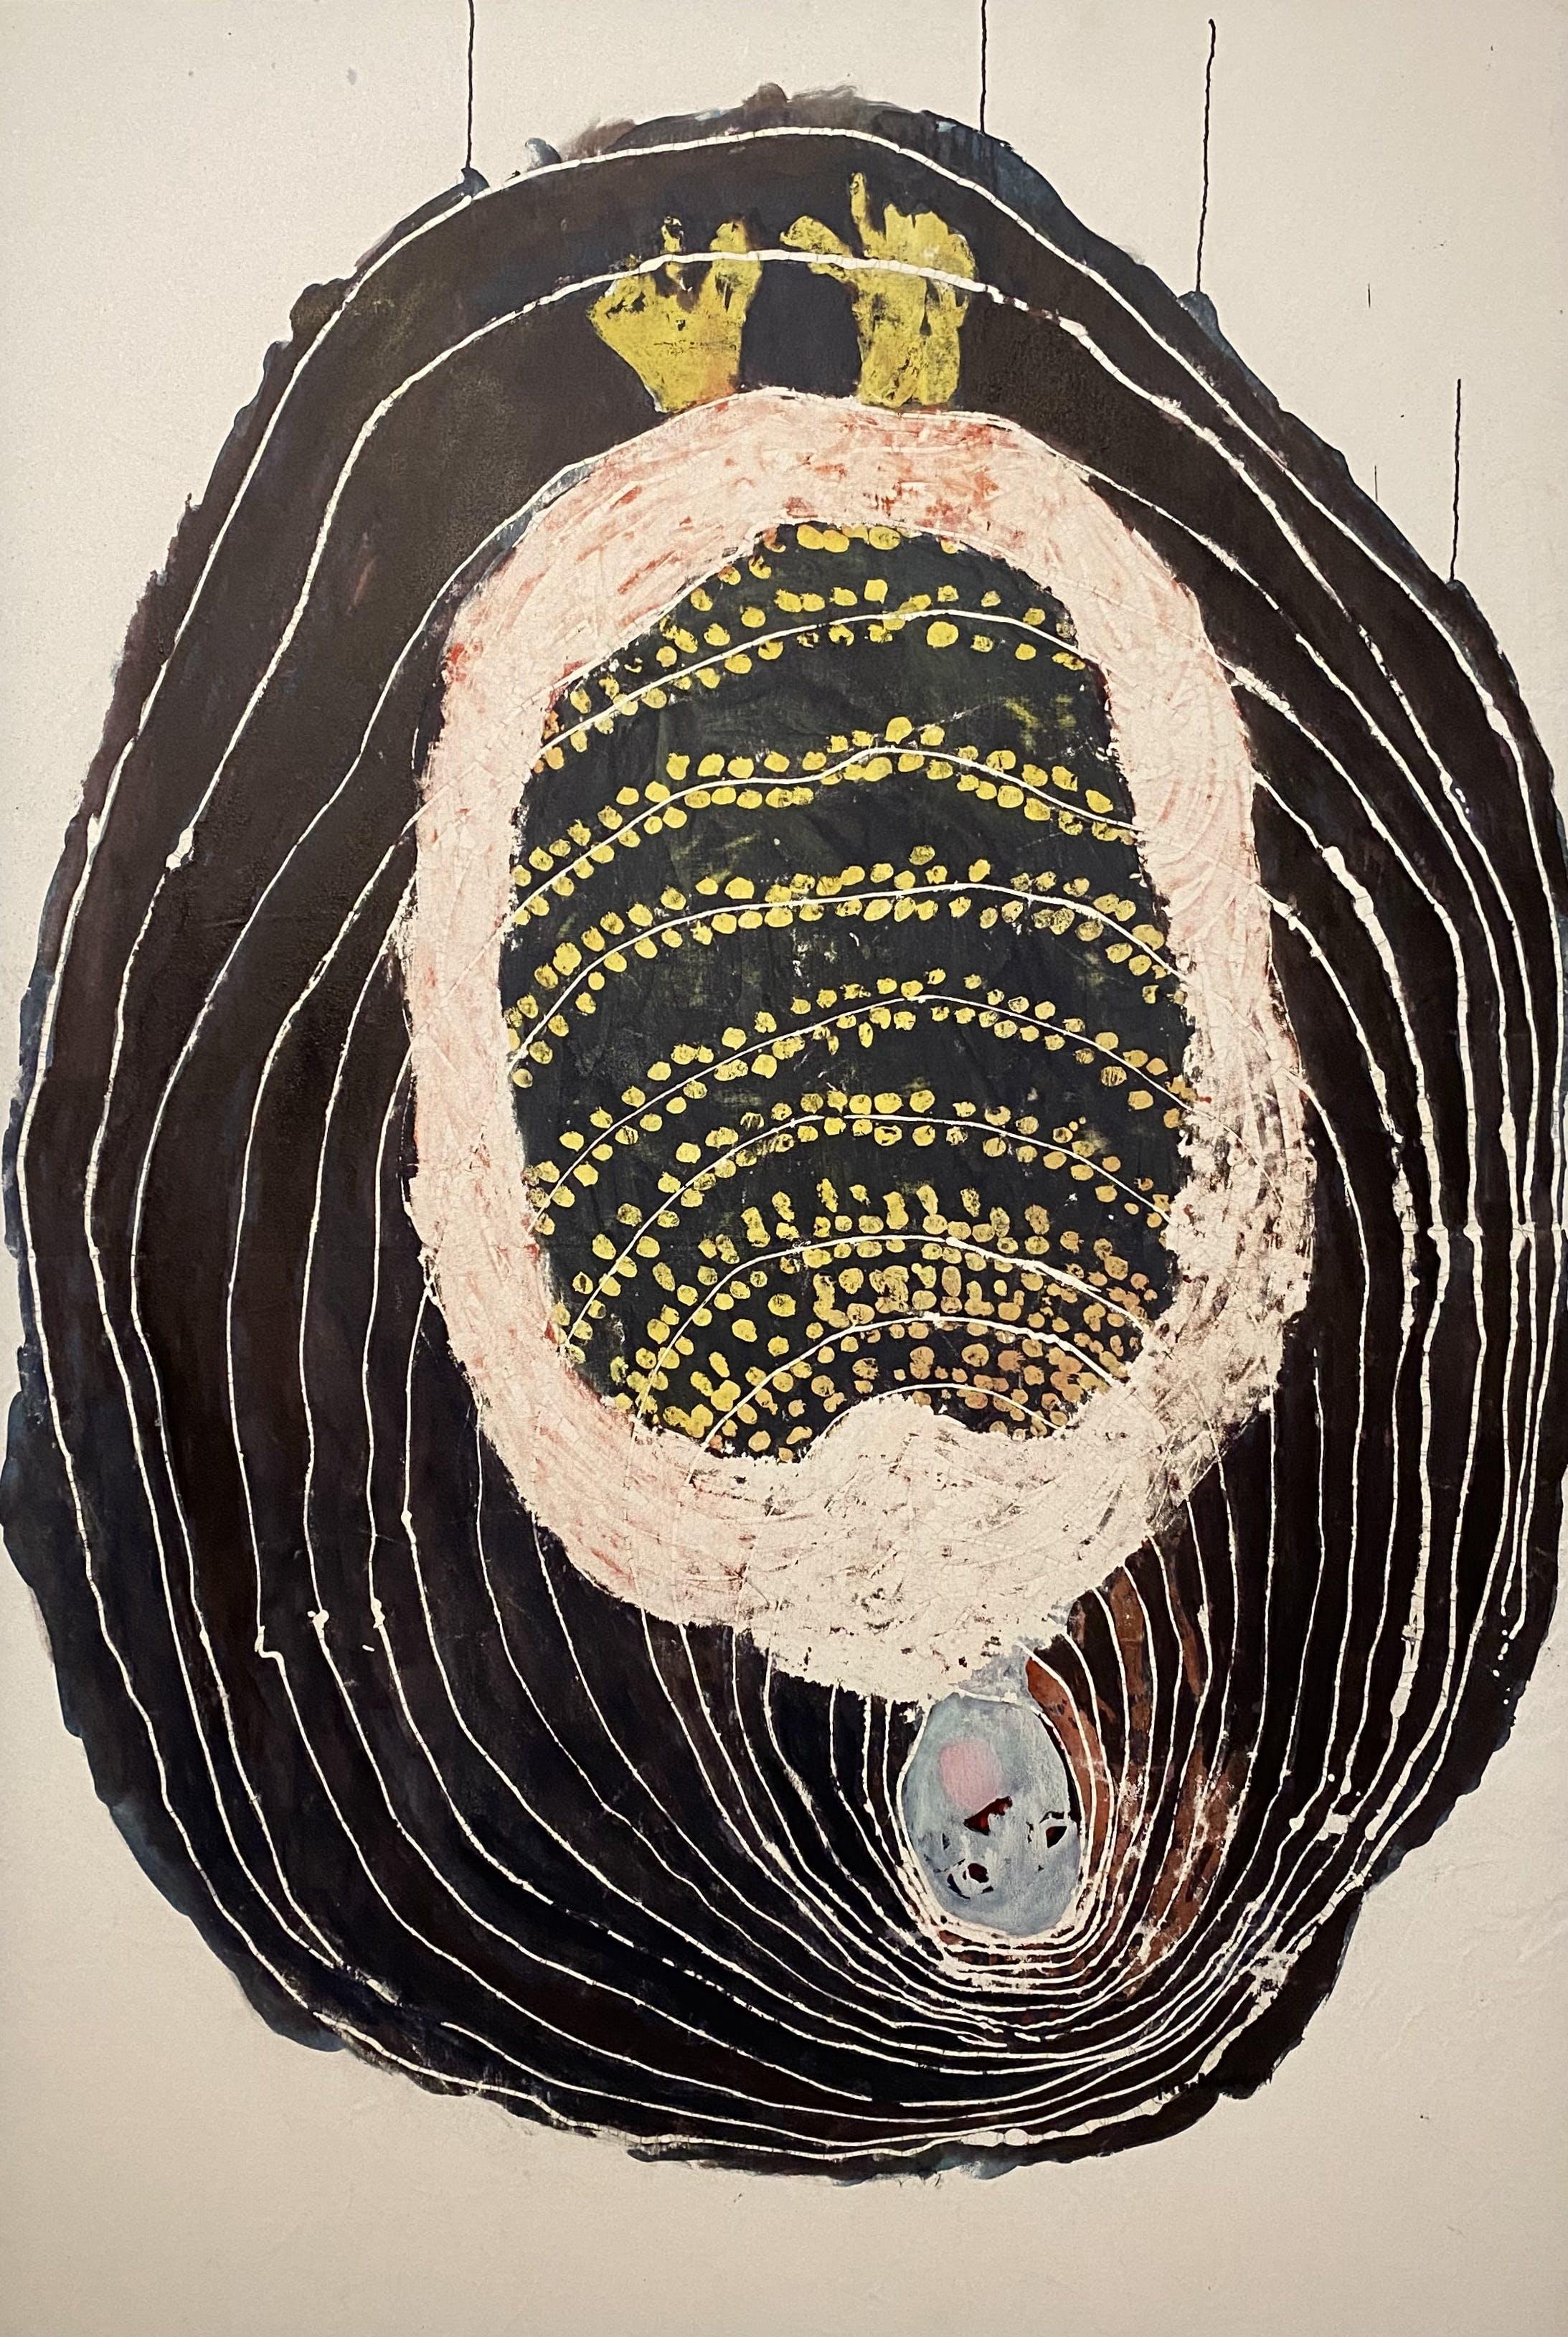 Portia Zvavahera - Kubuda Mudumbu Rinerima (Rebirth From The Dark Womb) - The power Of My Hands - Musée d'Art Moderne de Paris